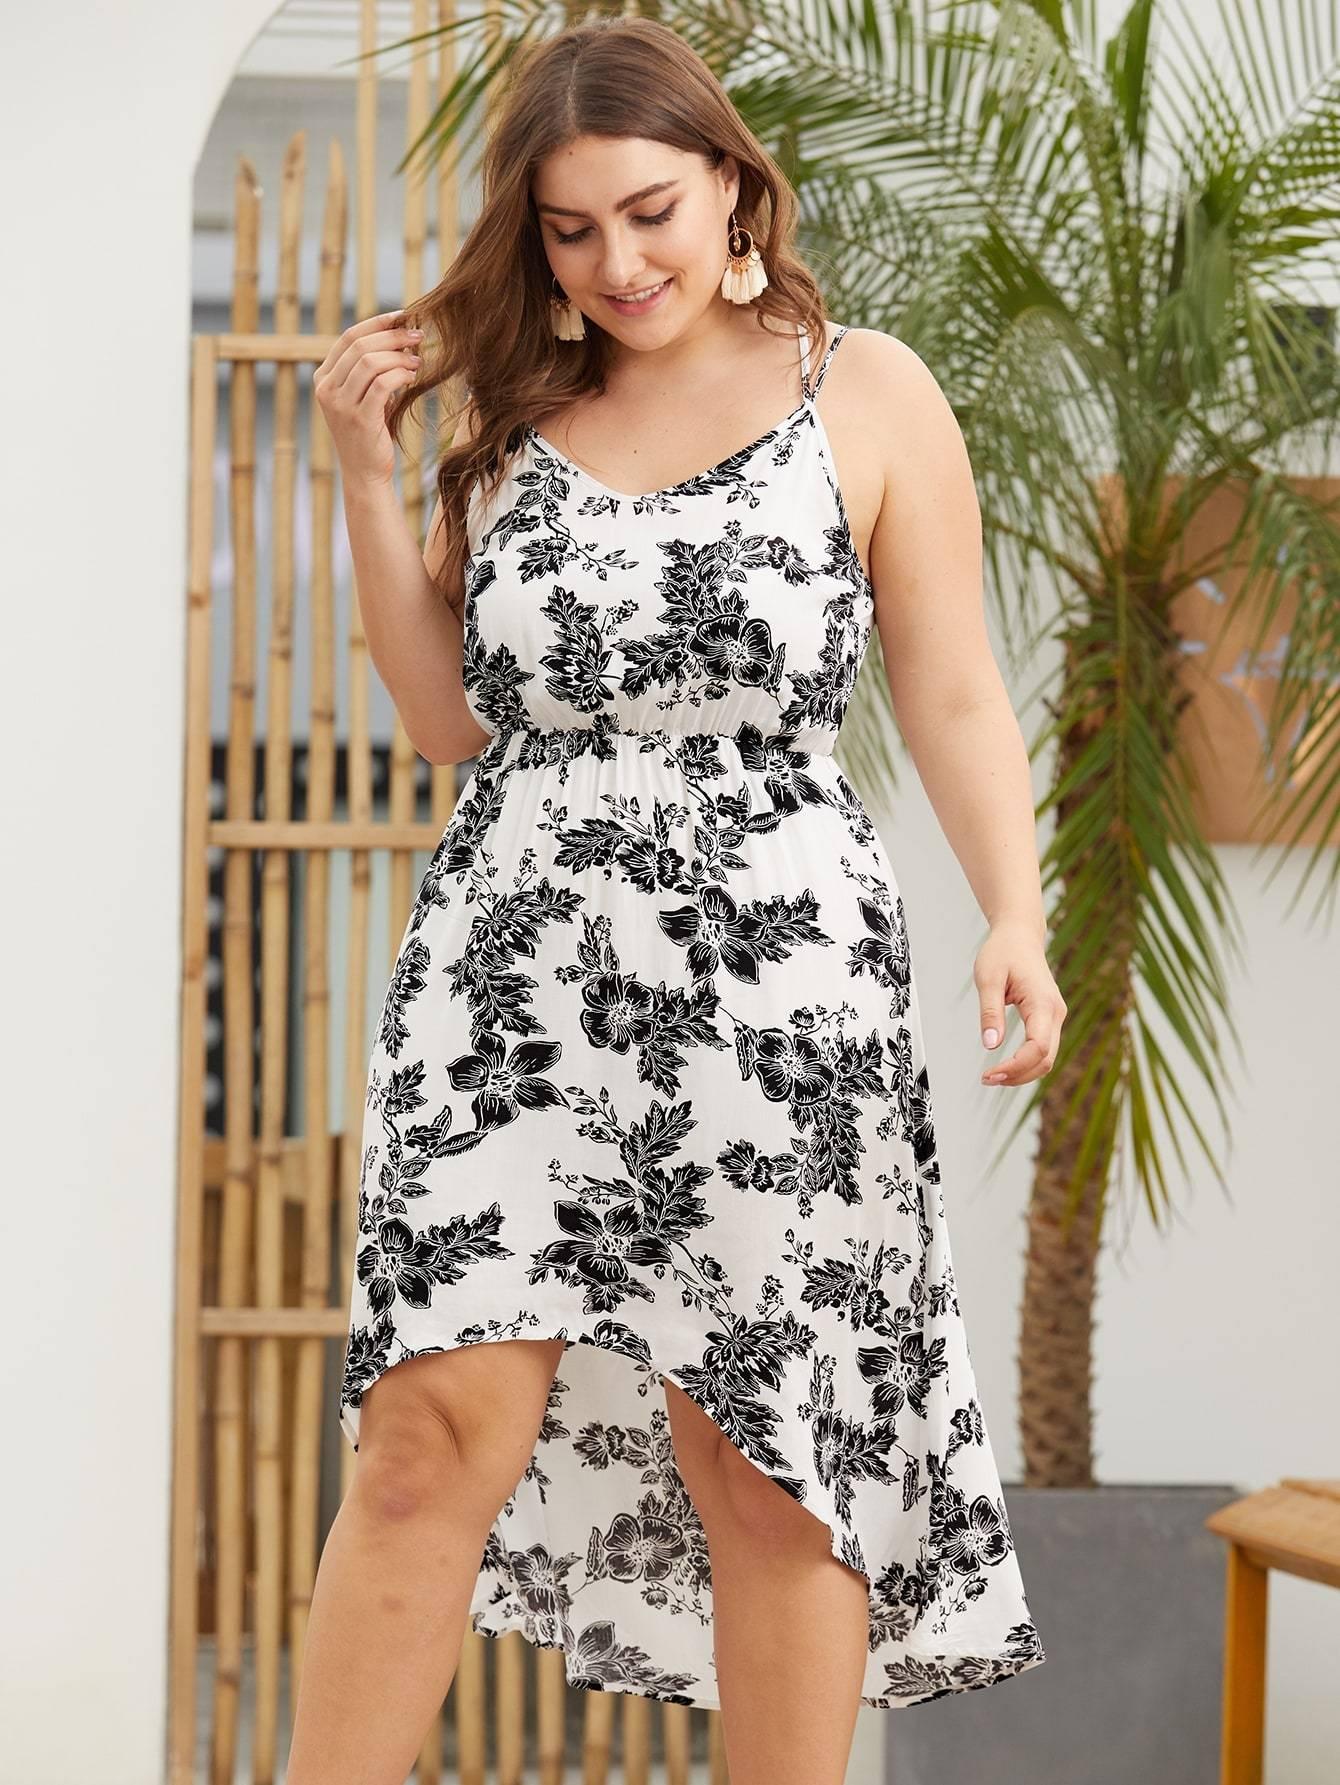 Pin By Kaylan White On Vestidos Plus Size Dress Dresses Plus Size Outfits [ 1785 x 1340 Pixel ]